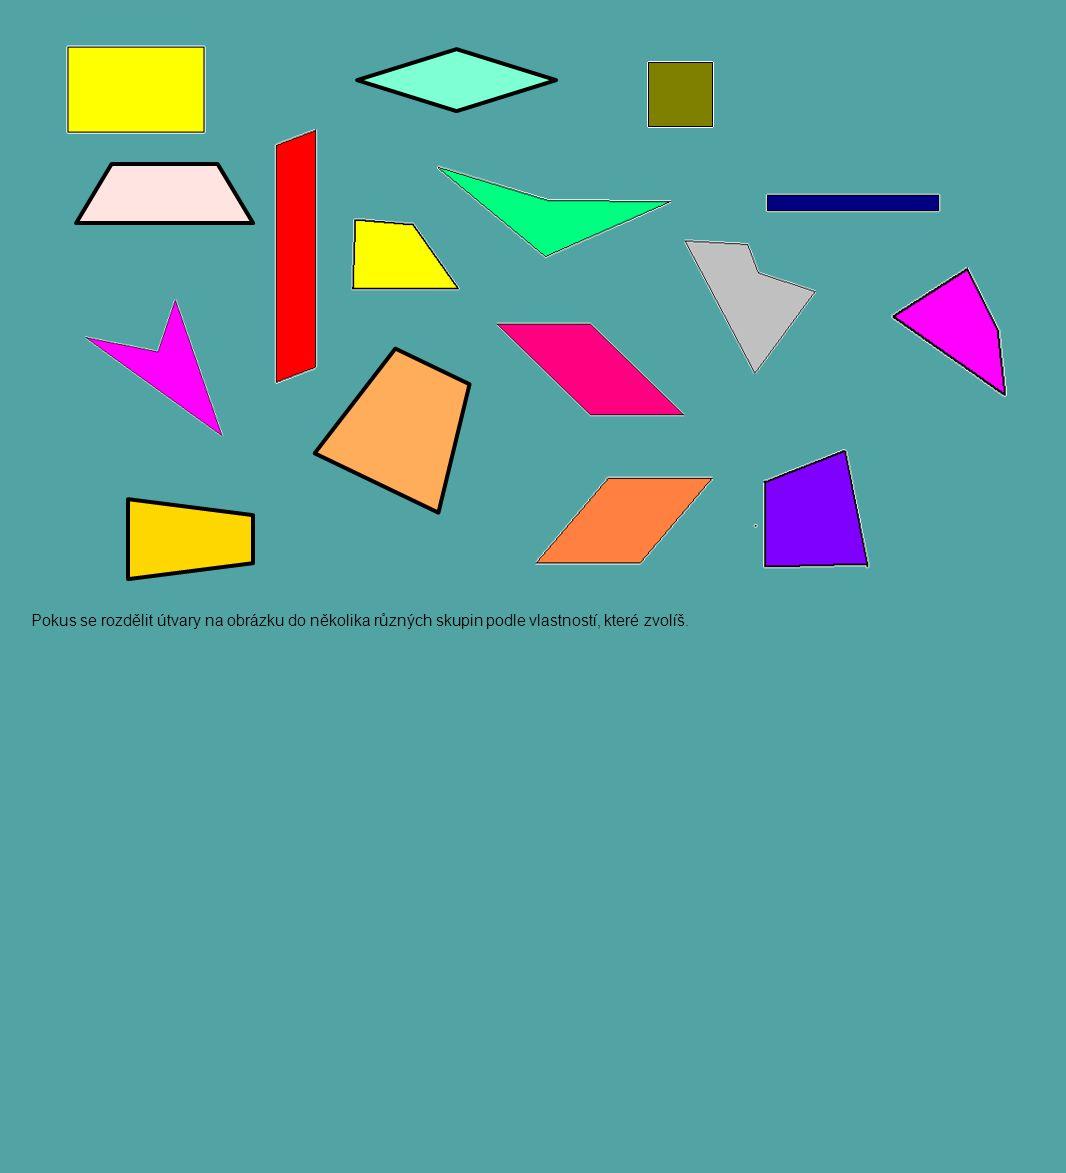 Pokus se rozdělit útvary na obrázku do několika různých skupin podle vlastností, které zvolíš.